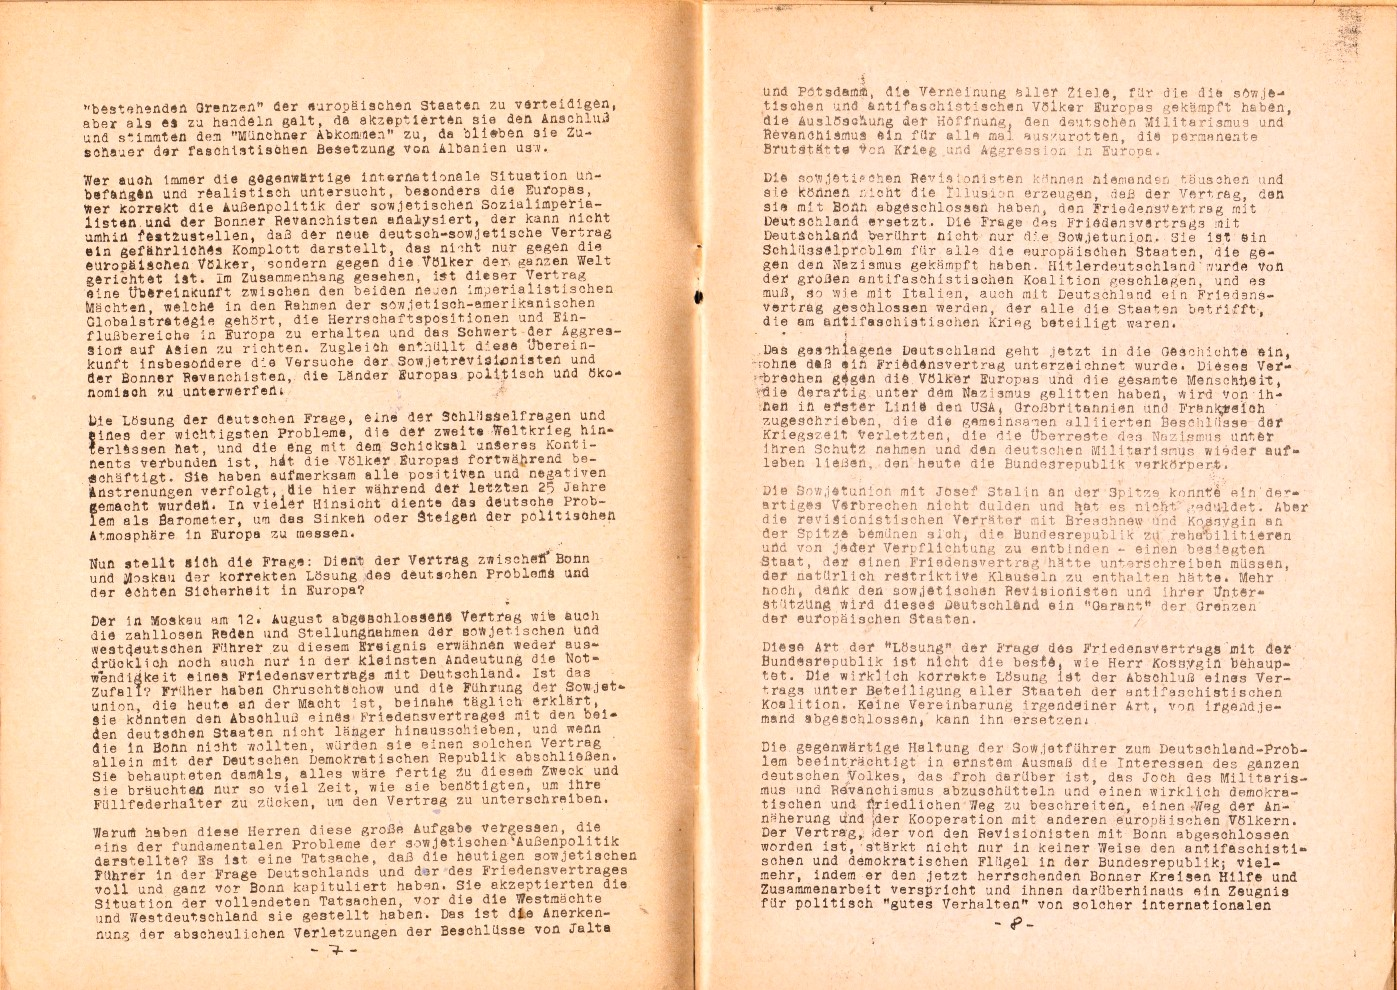 KPDML_1970_Der_sowjetisch_westdeutsche_Vertrag_07